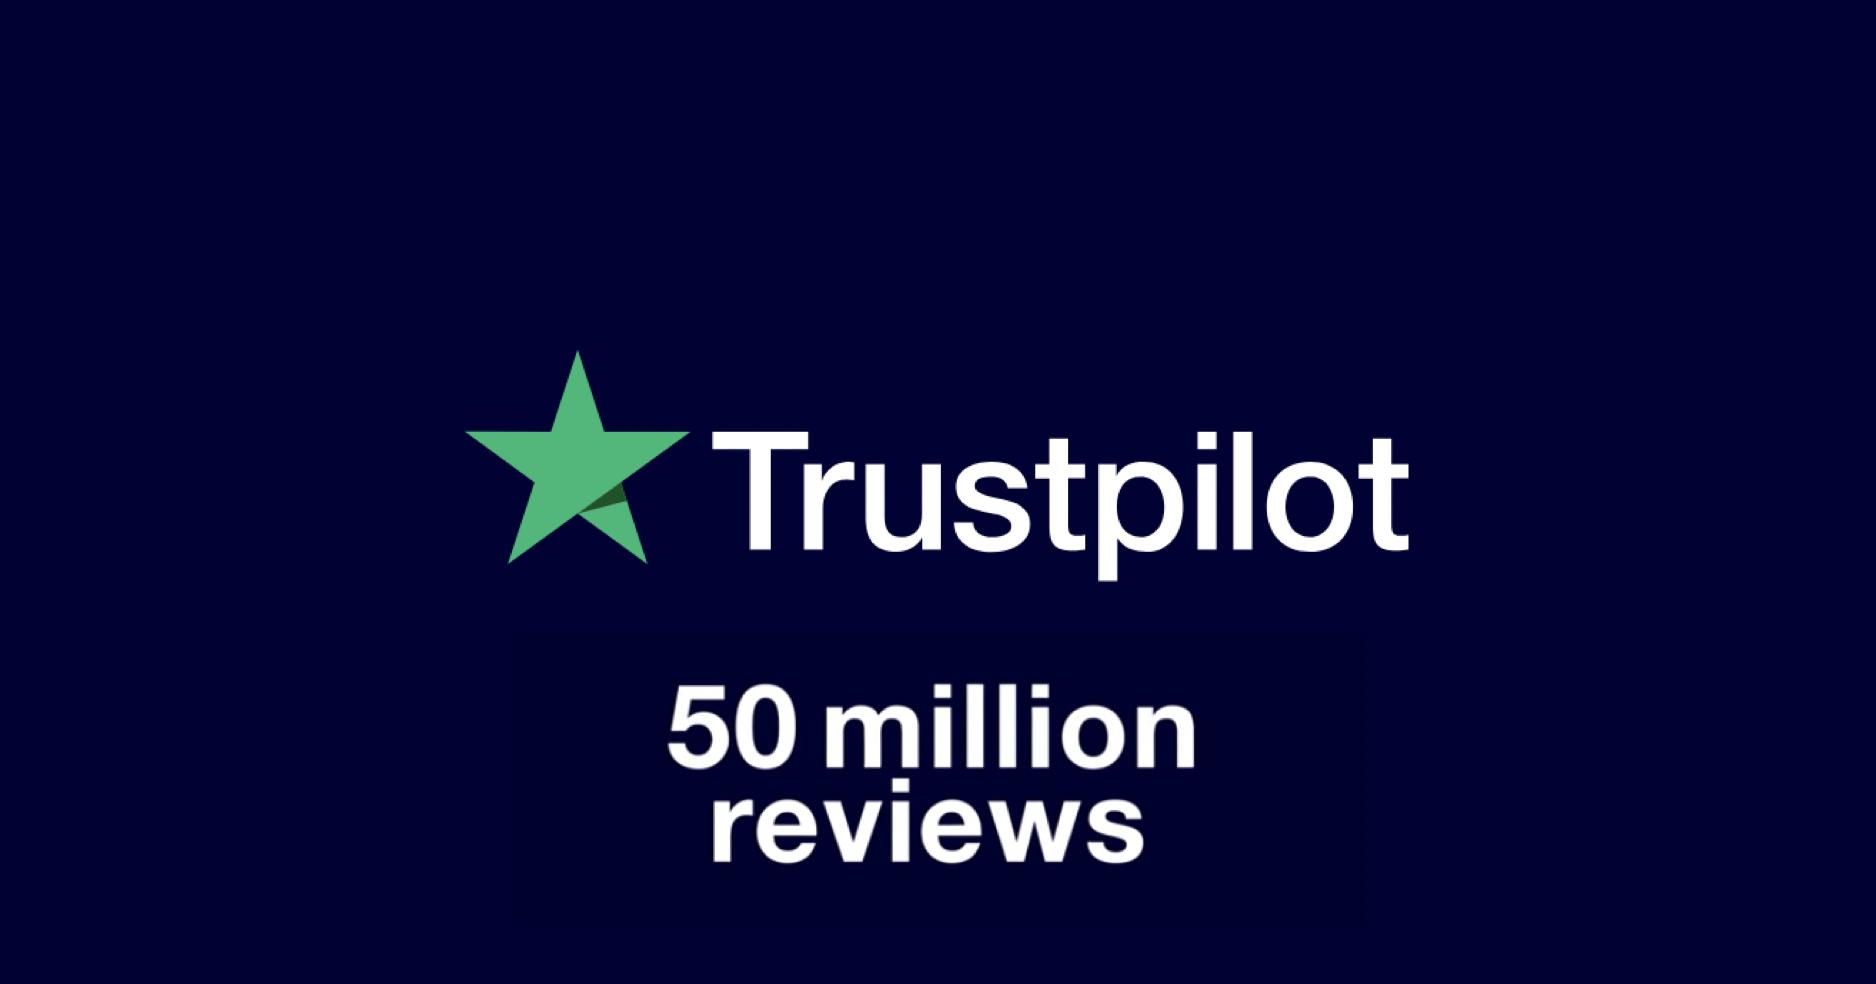 trustpilot-50-million-reviews